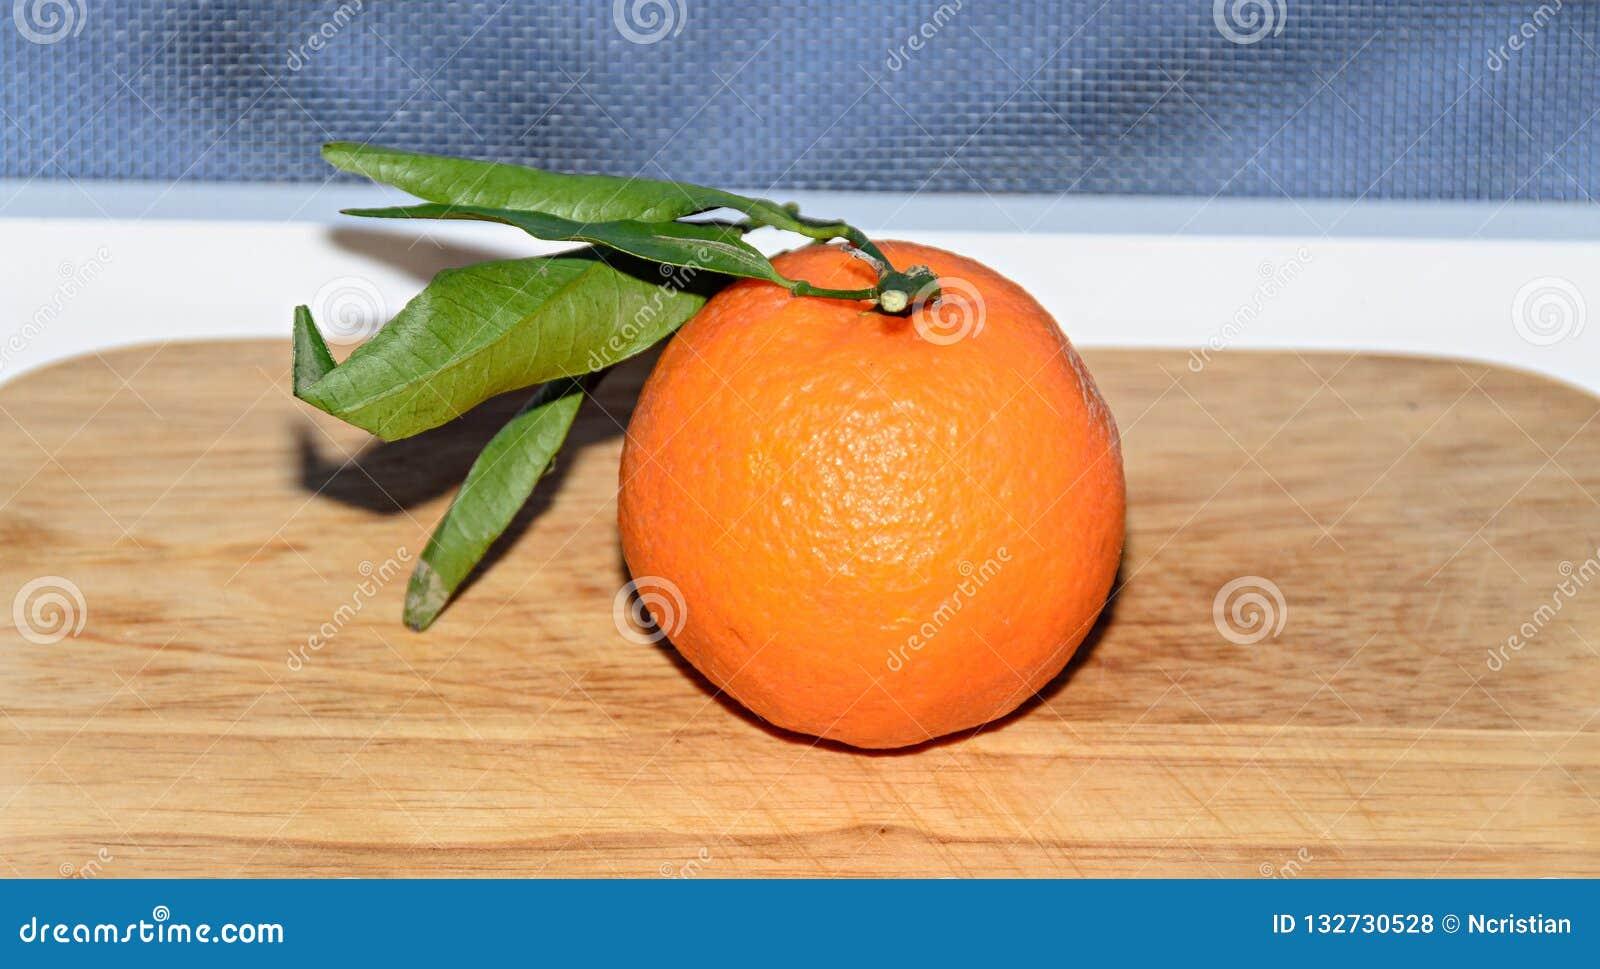 Το πορτοκαλί reticulata εσπεριδοειδών κινεζικής γλώσσας με τα πράσινα φύλλα, κλείνει επάνω